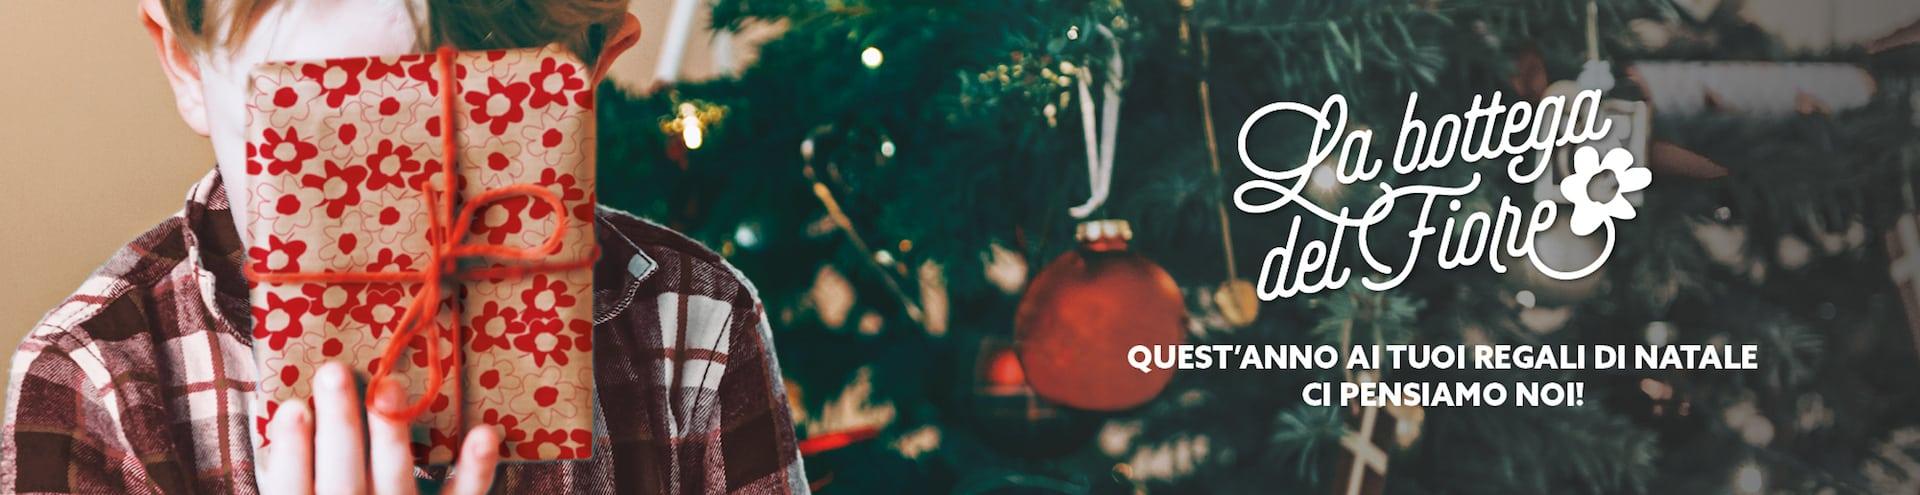 Regali Di Natale Onlus.Shop Solidale Associazione Bianca Garavaglia Onlus